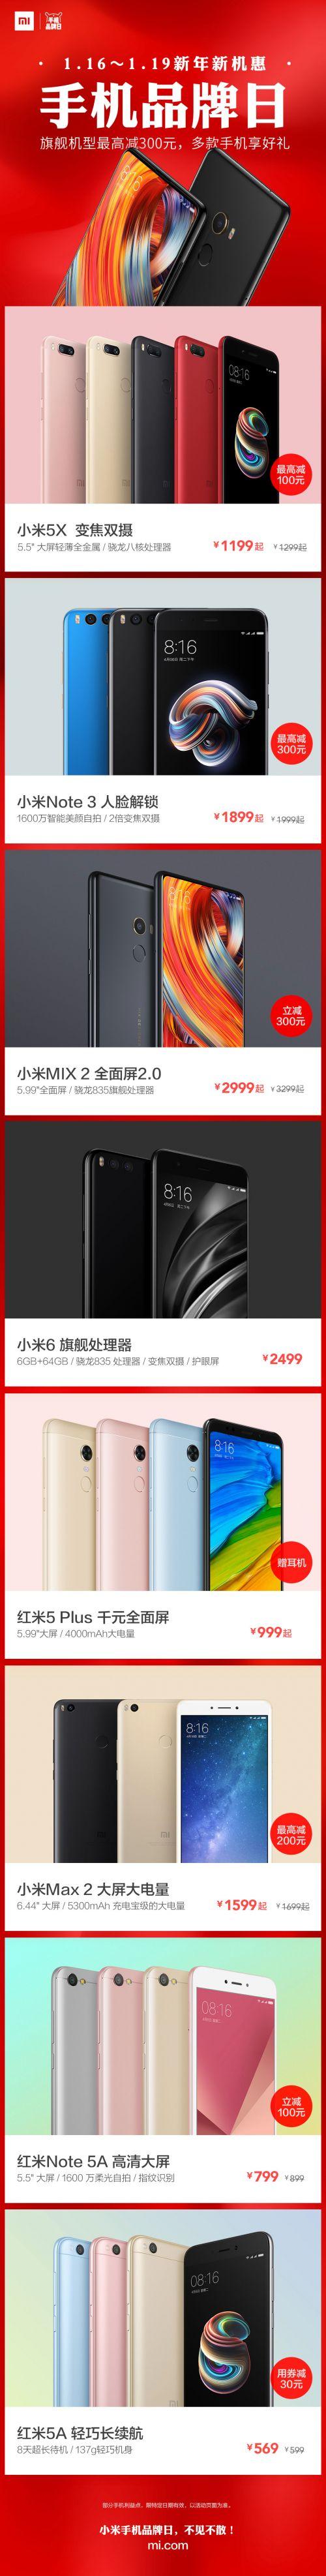 小米商城打开红米手机品牌日 爆品新手机狂降300